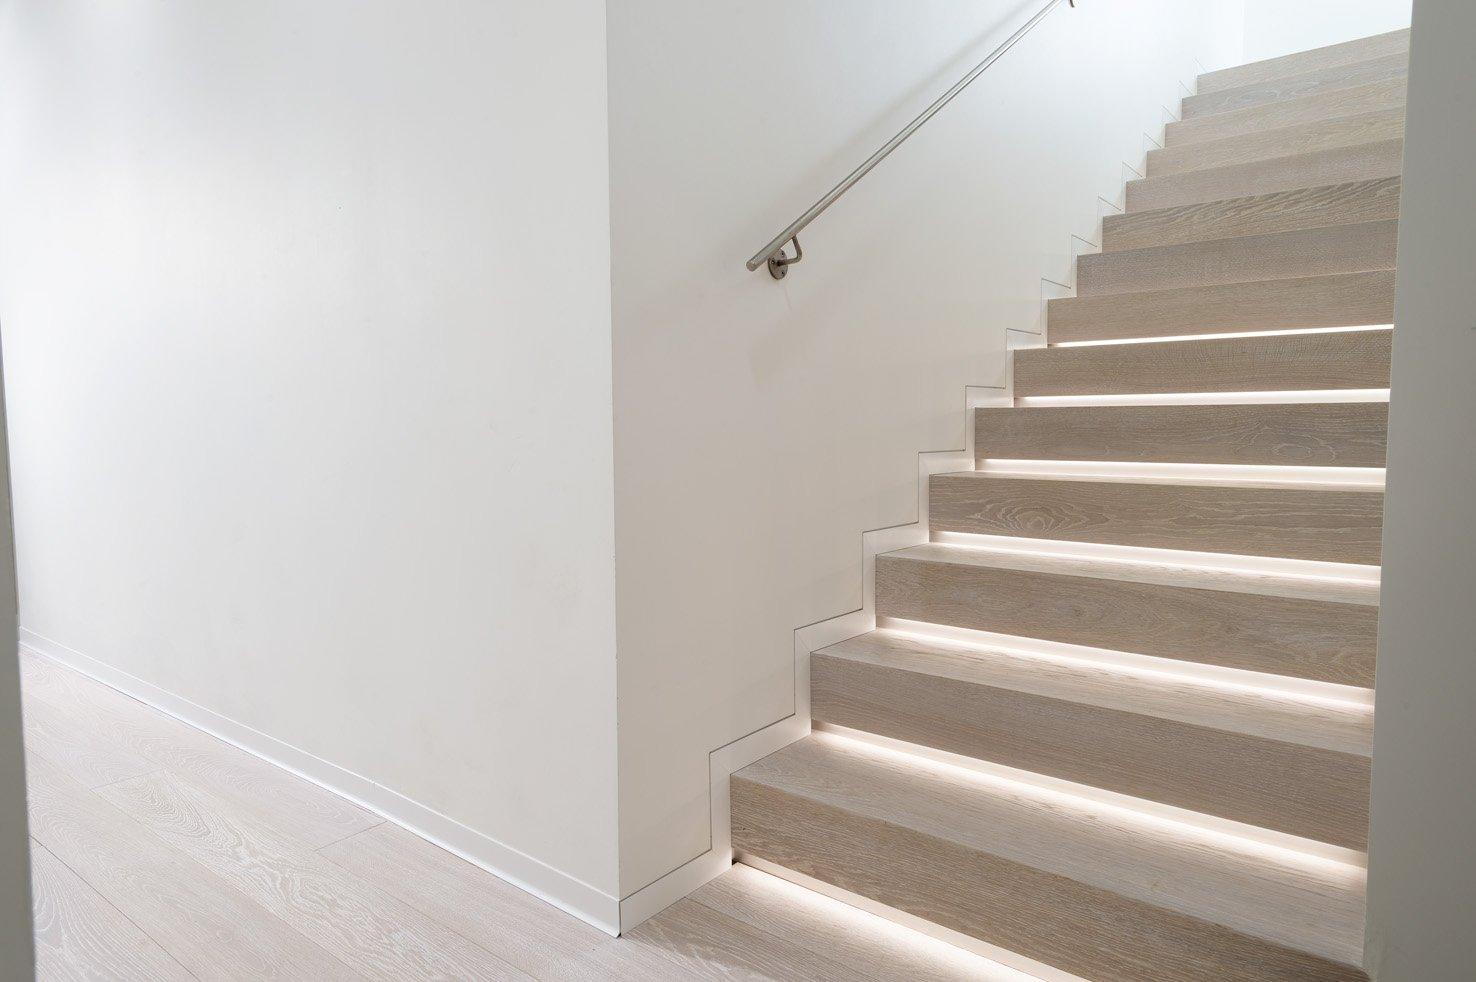 Strisce Led Per Cartongesso strisce a led per illuminare gli interni - cose di casa